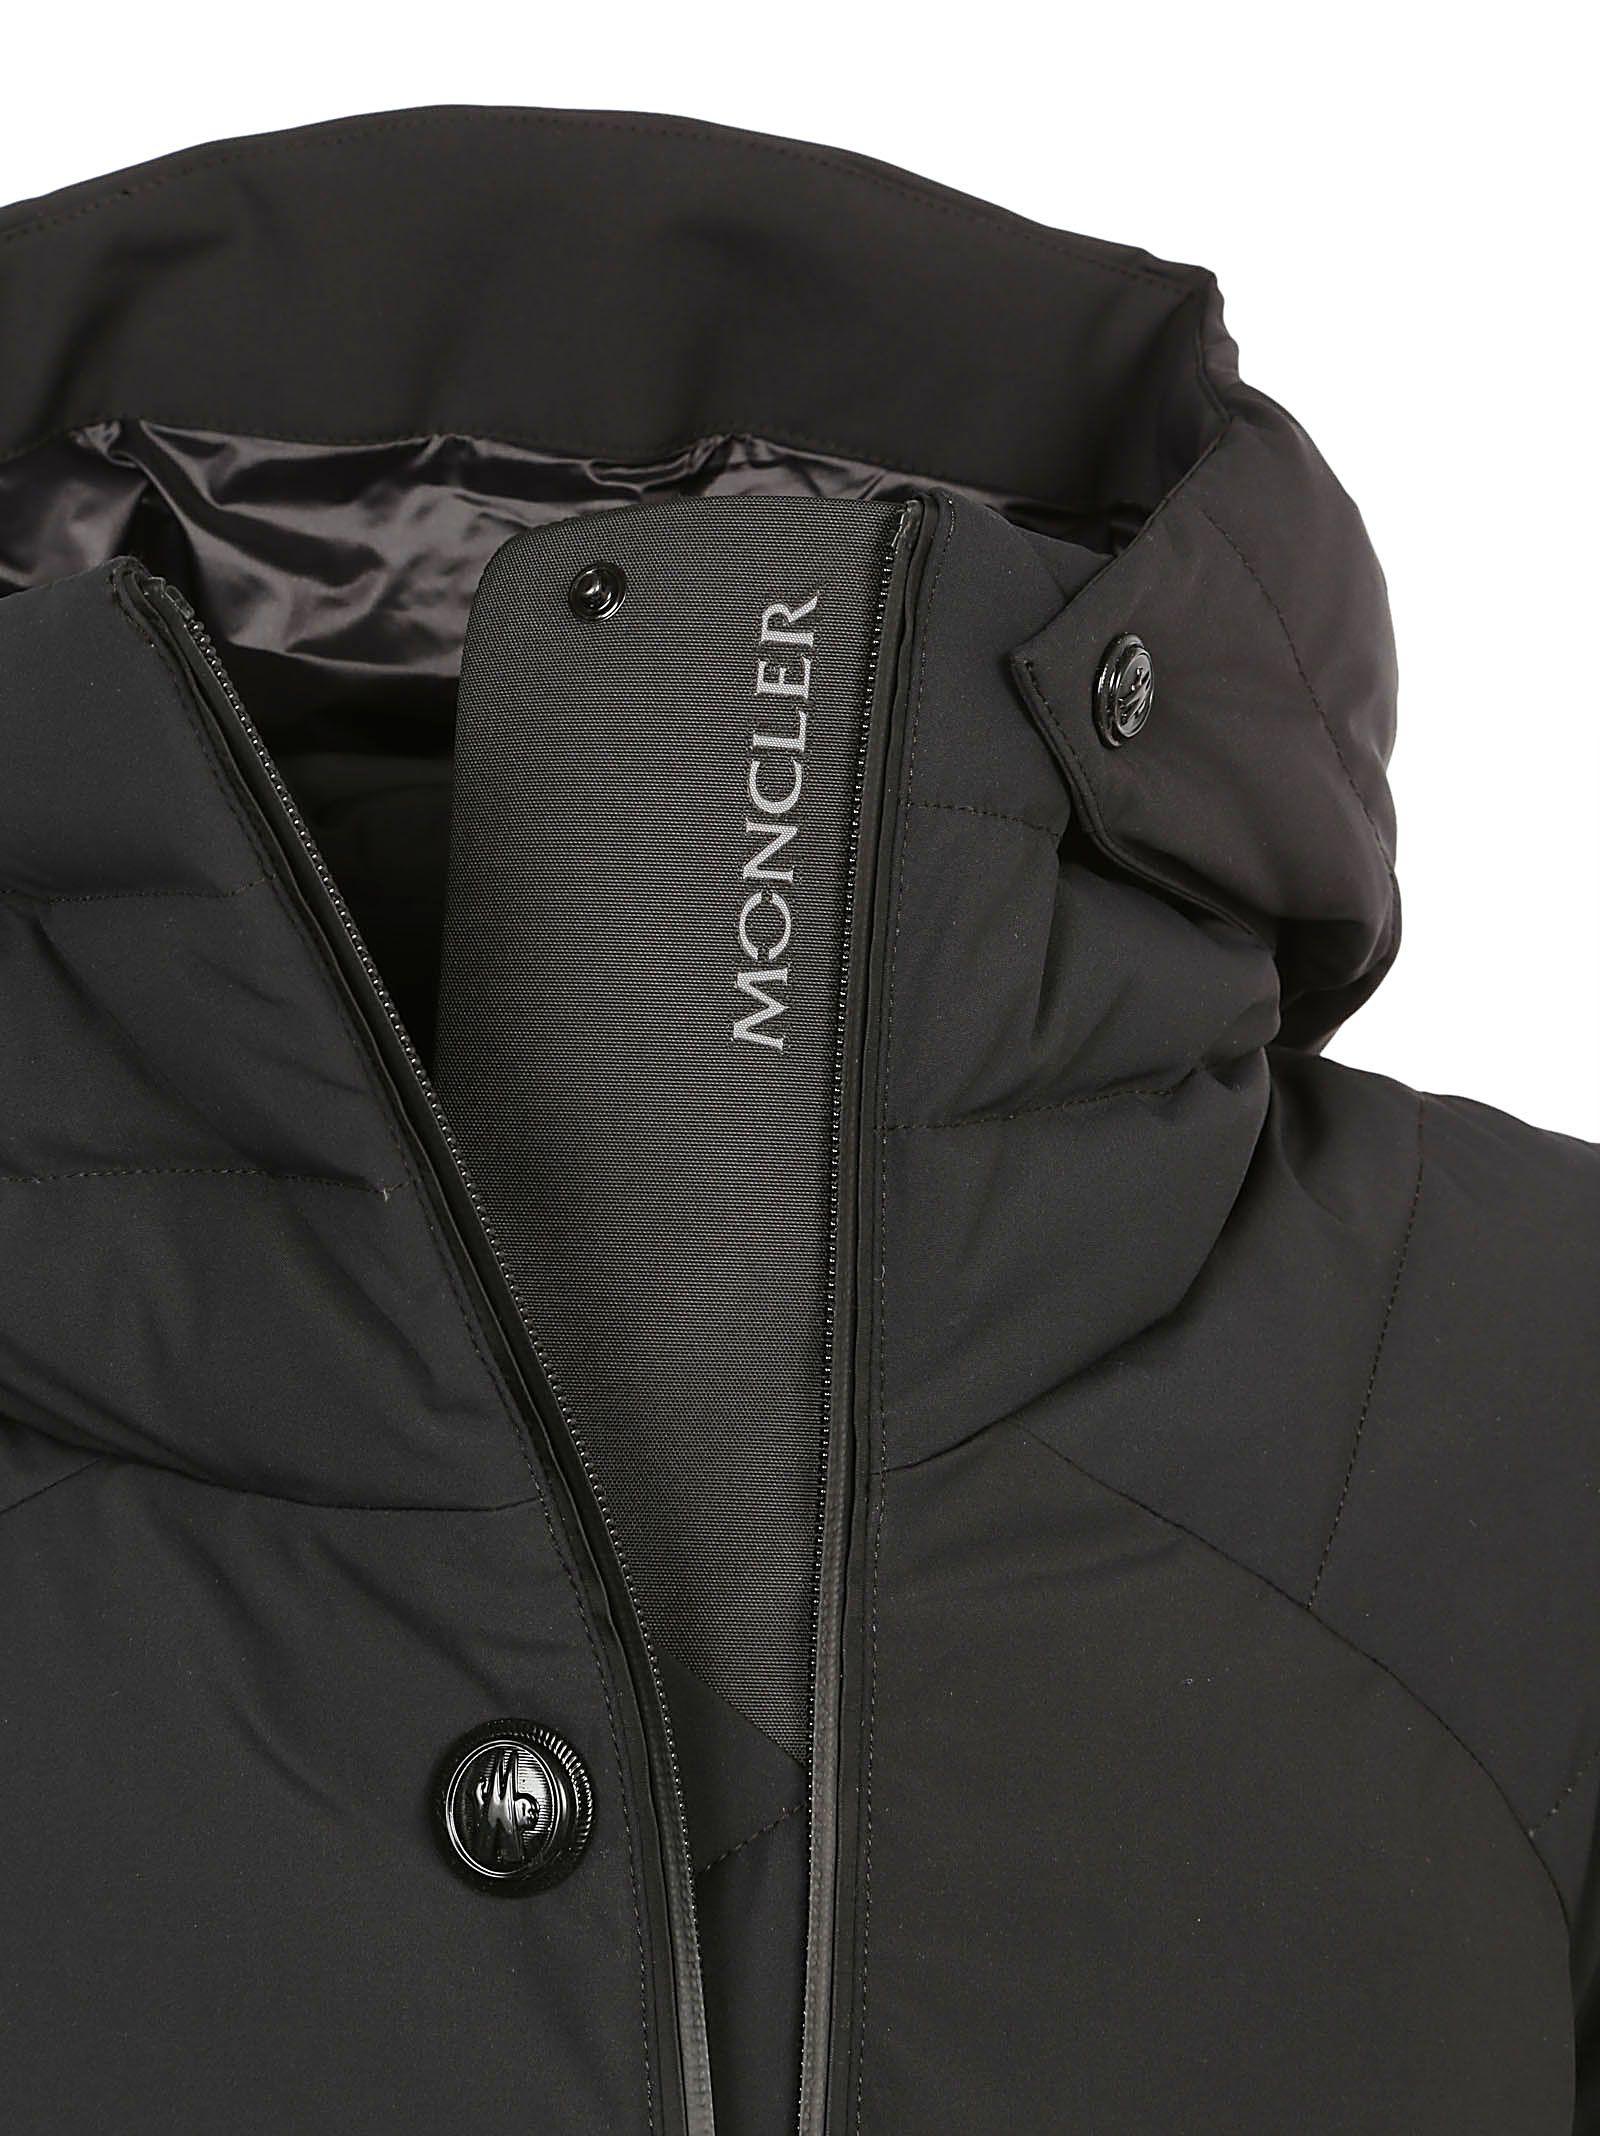 ... Moncler Grenoble Guyane Down Jacket - Black